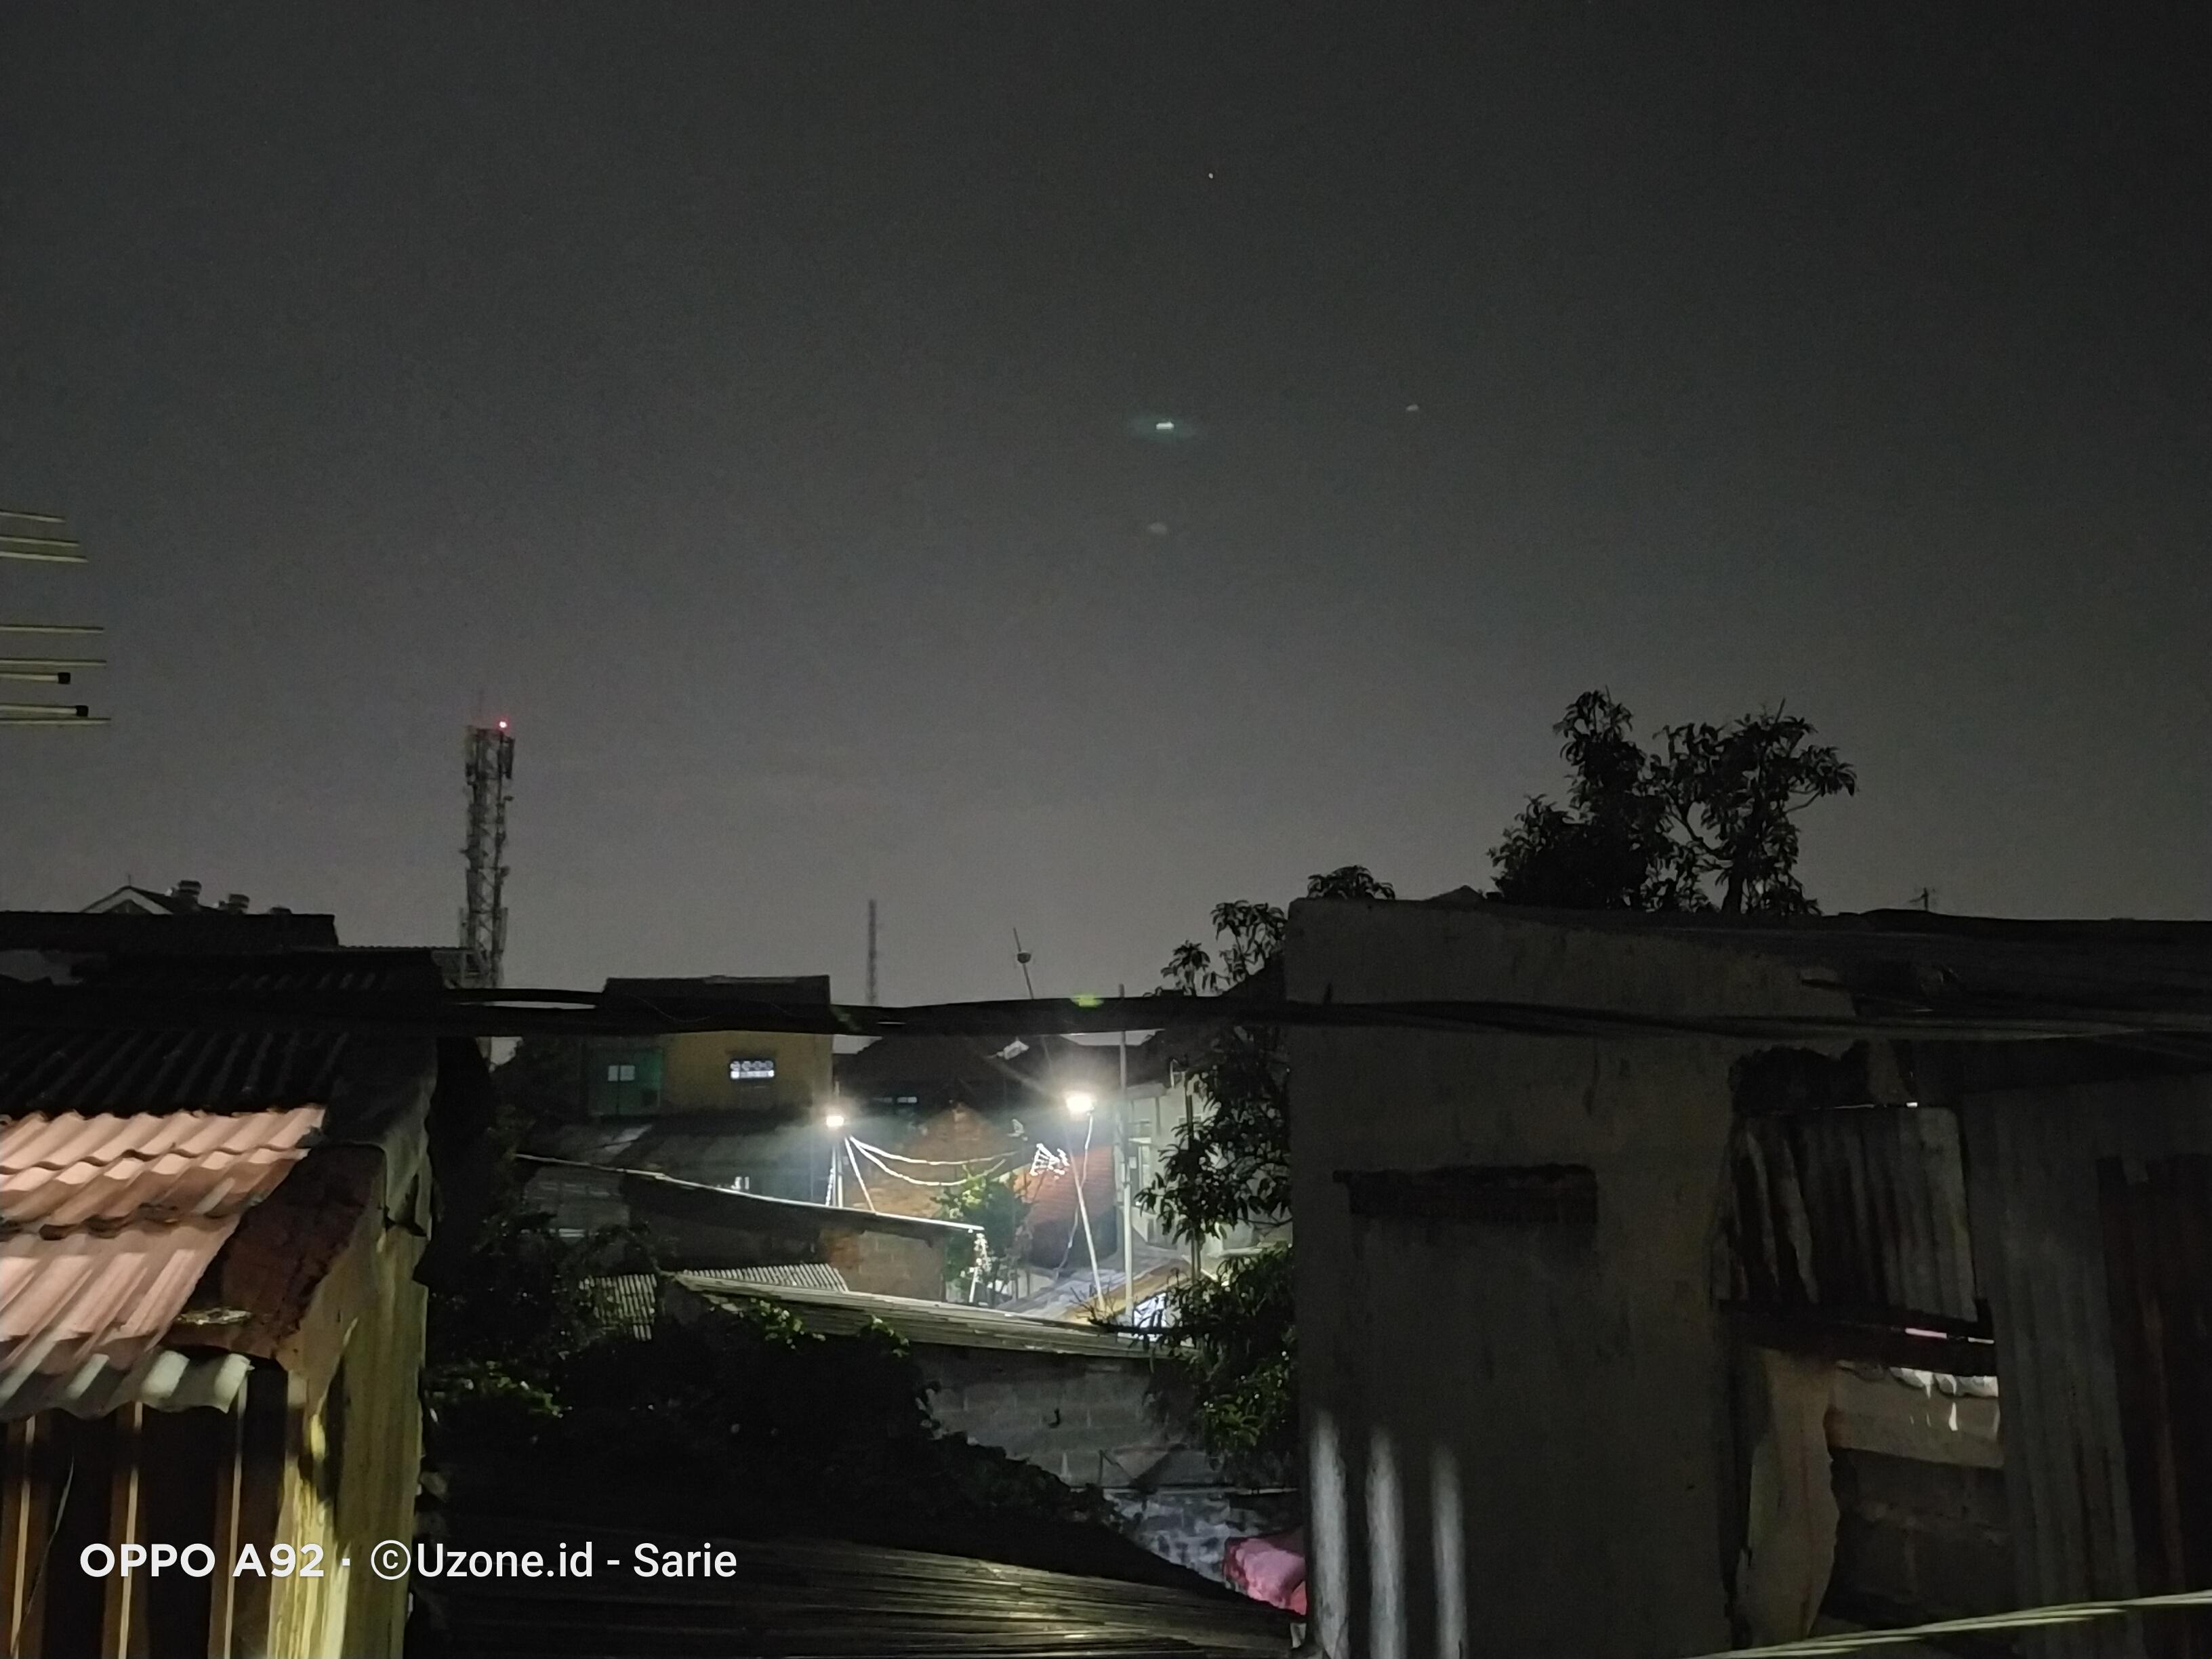 hasil foto a92 - night mode